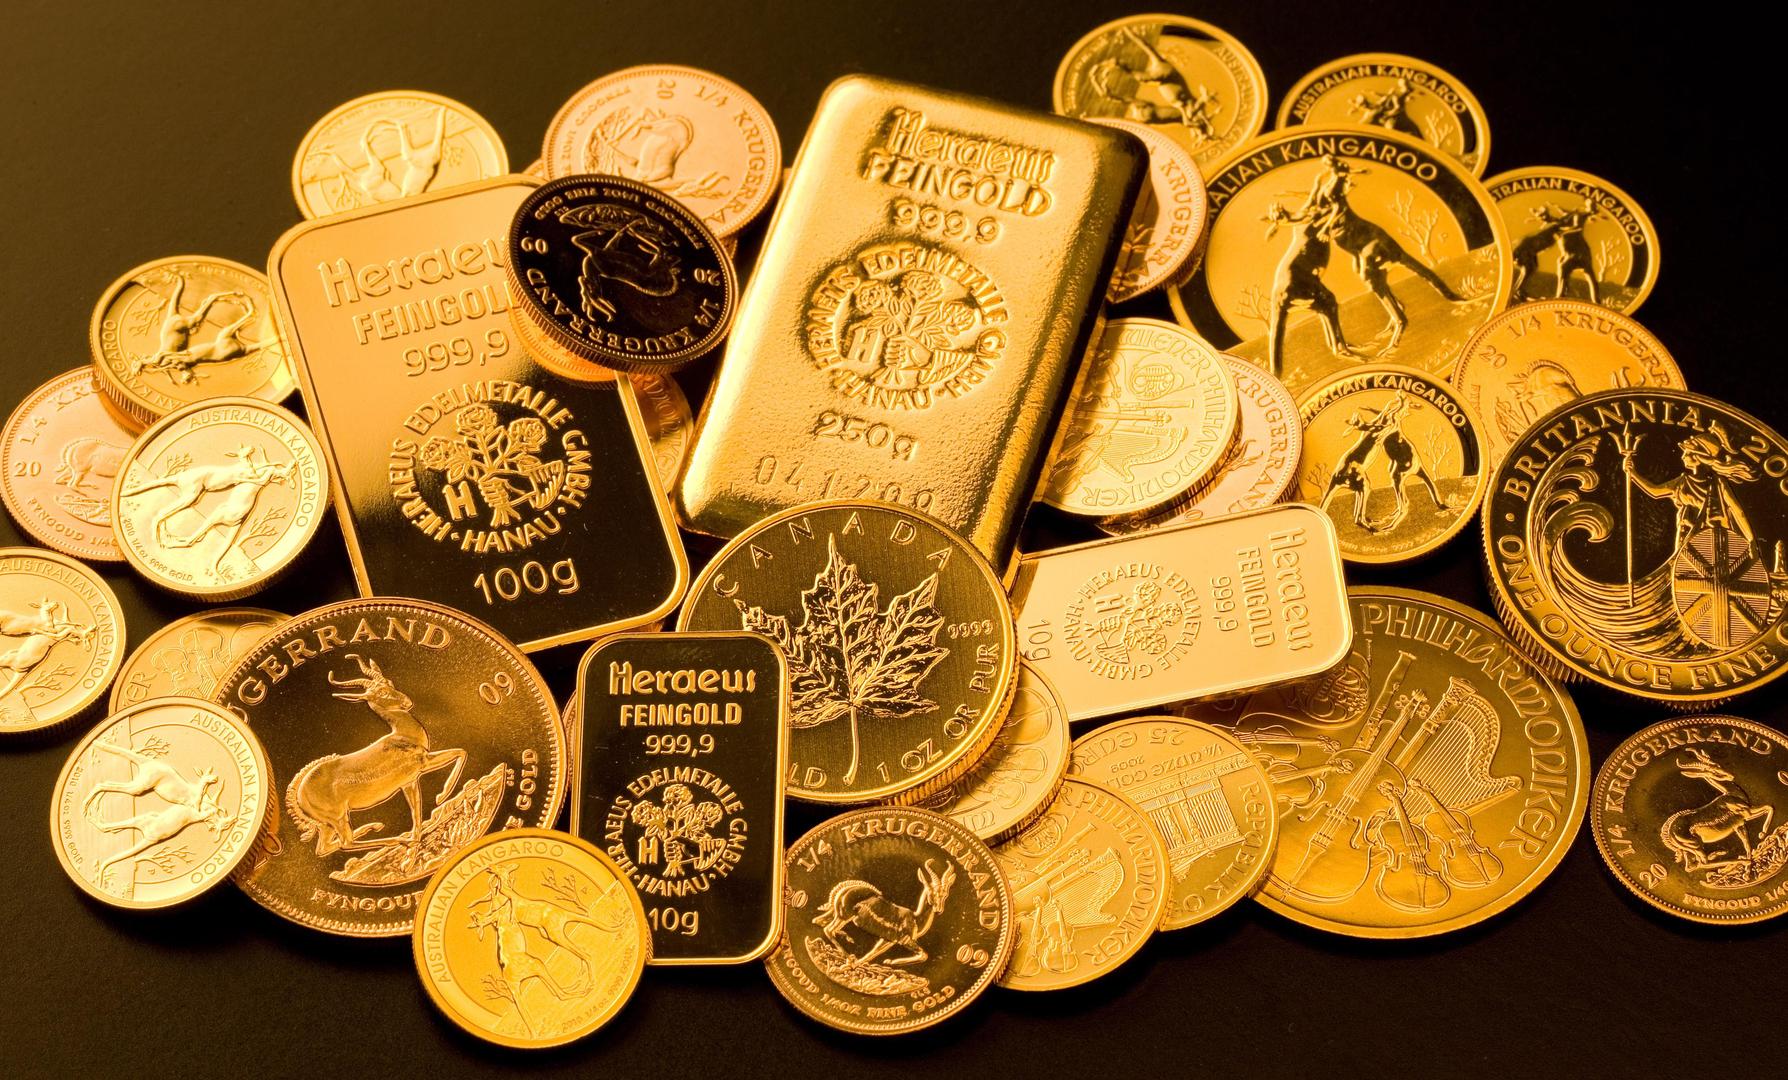 قیمت سکه و طلا در بازار امروز ۲۱ فروردین؛ سکه عقب نشست!